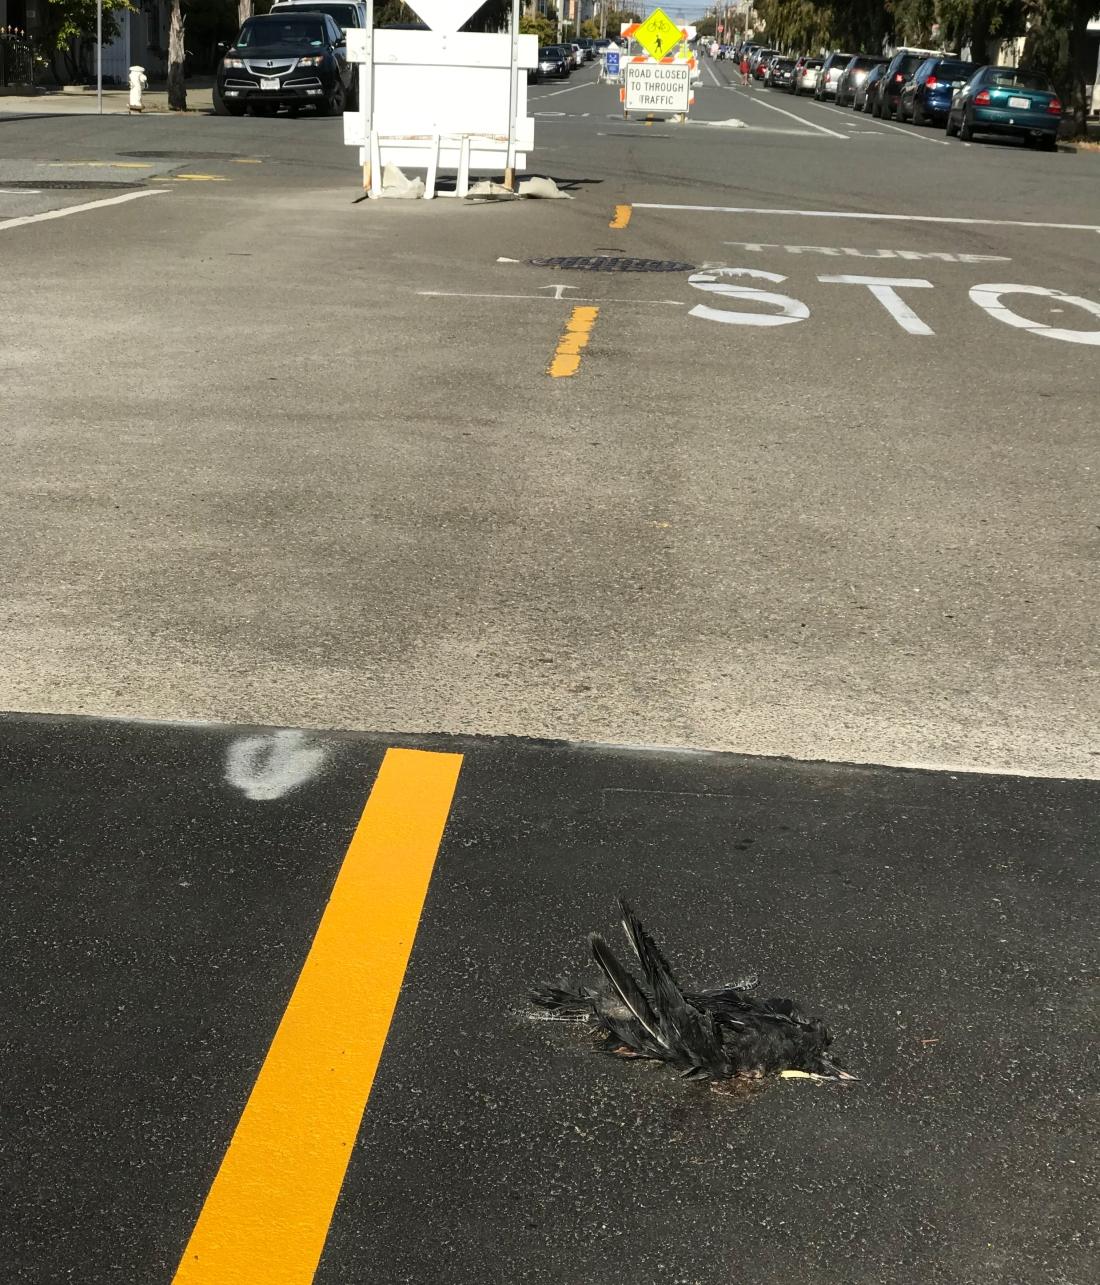 12-slow-streets-dead-bird-5.28.2021-1.jpg